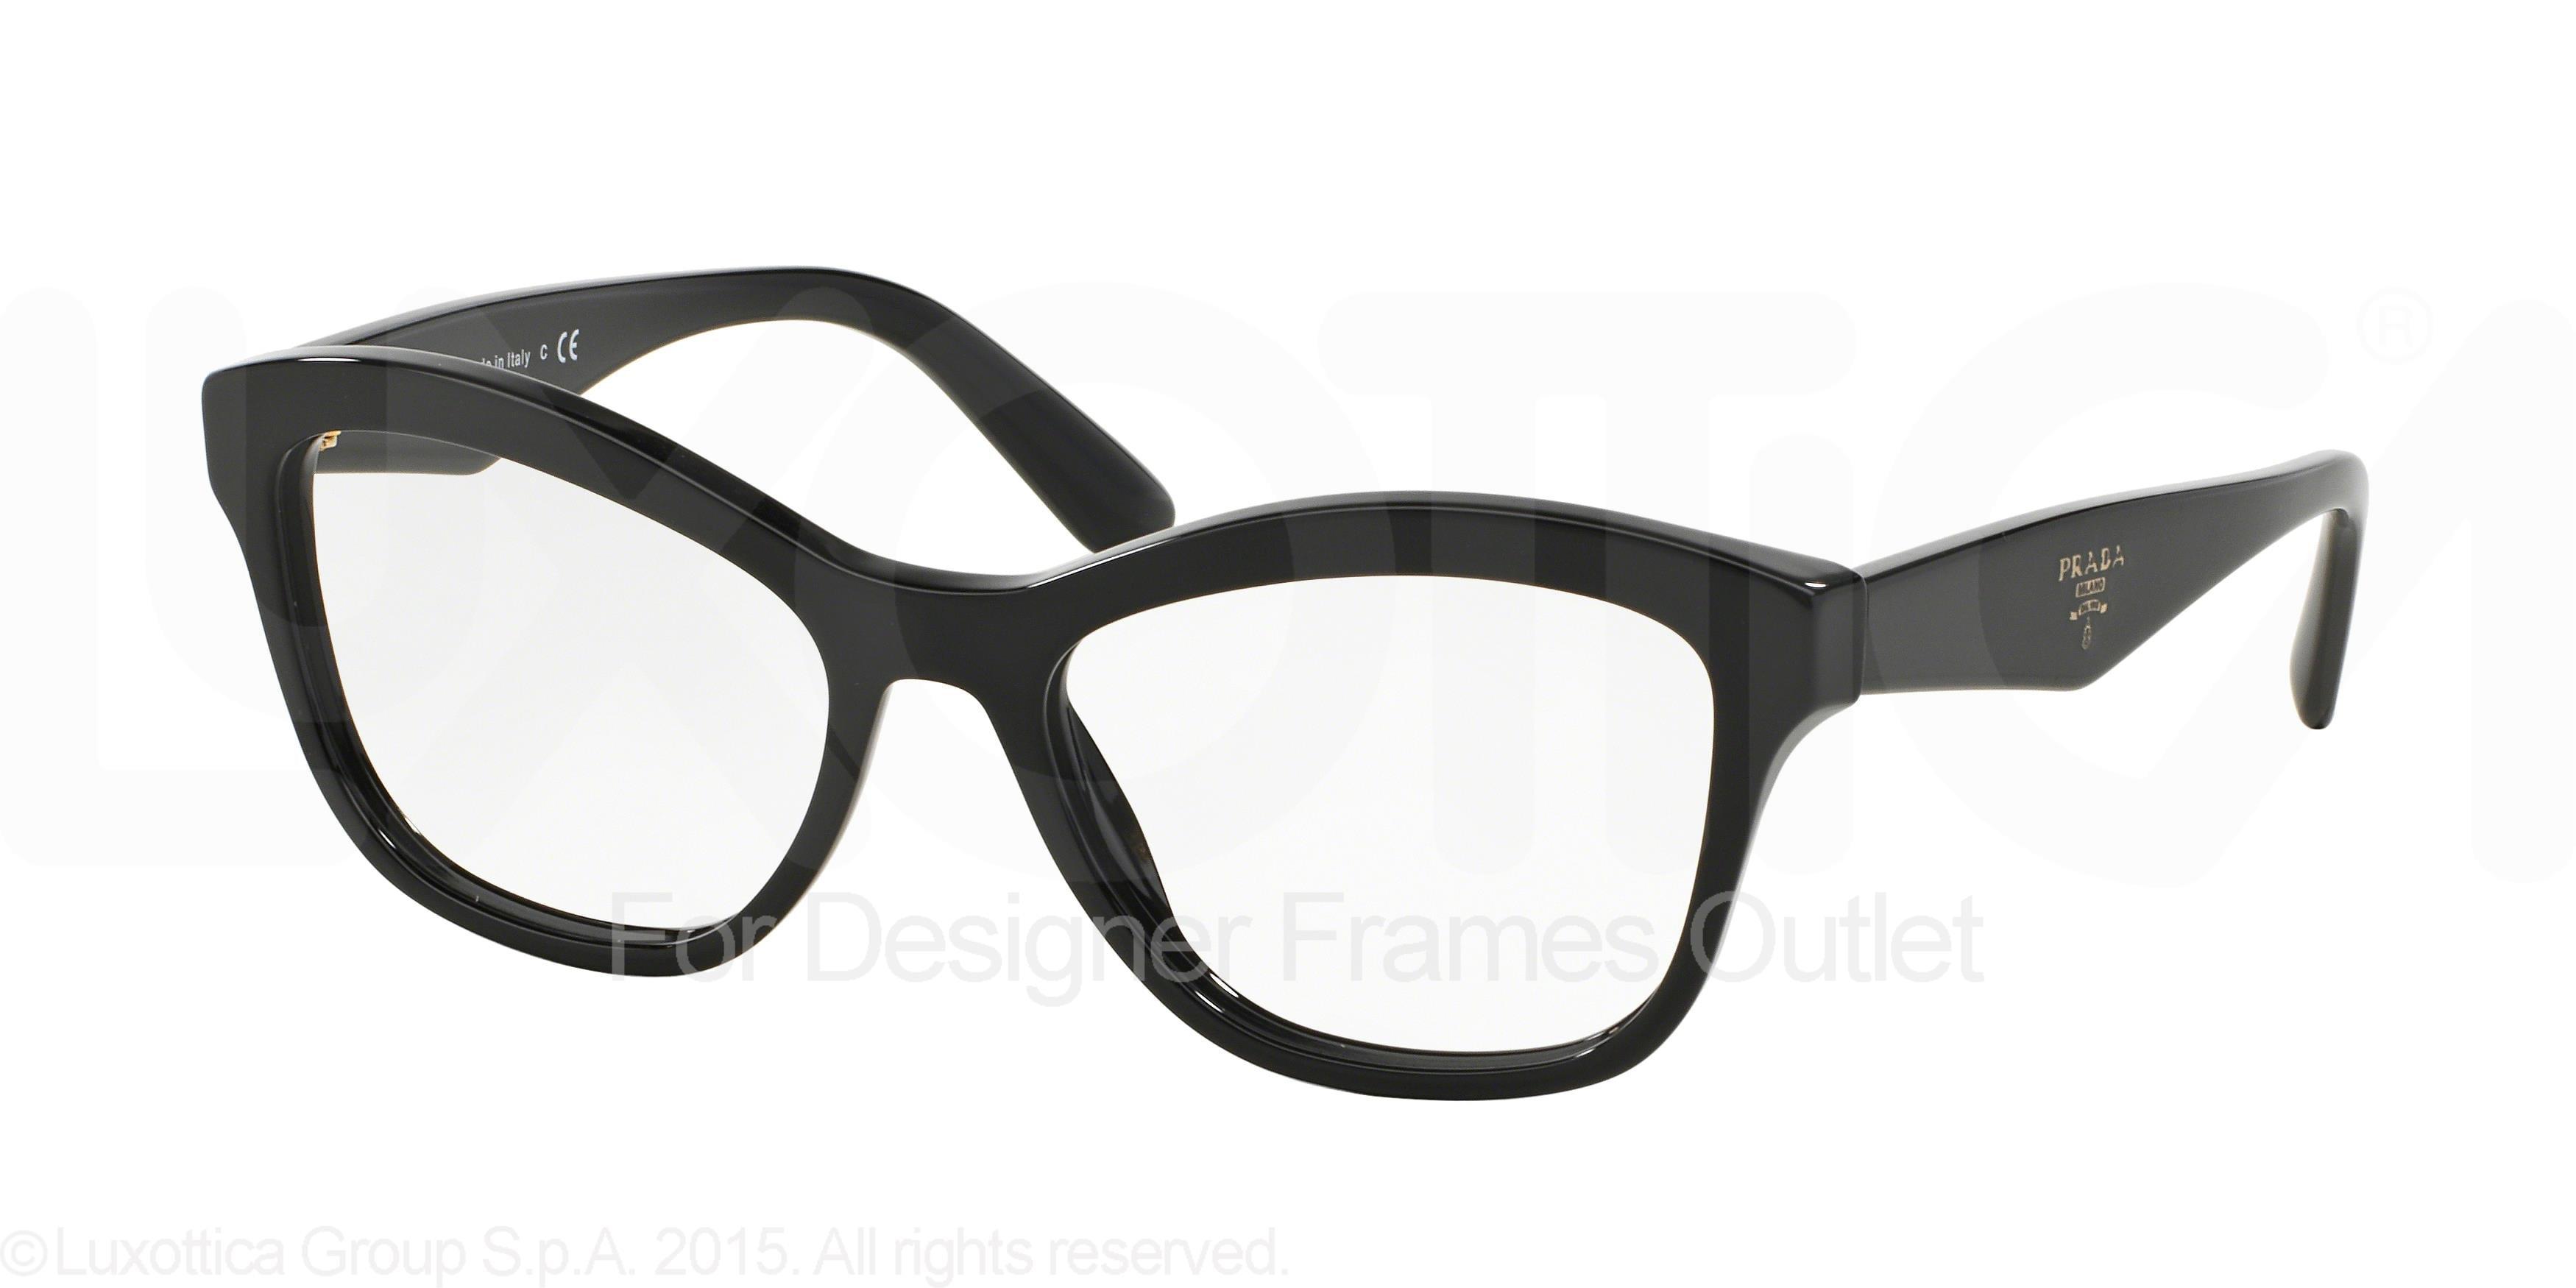 01a97cf22bb3 PRADA Eyeglasses PR 29RV 1AB1O1 Black 54MM - Walmart.com